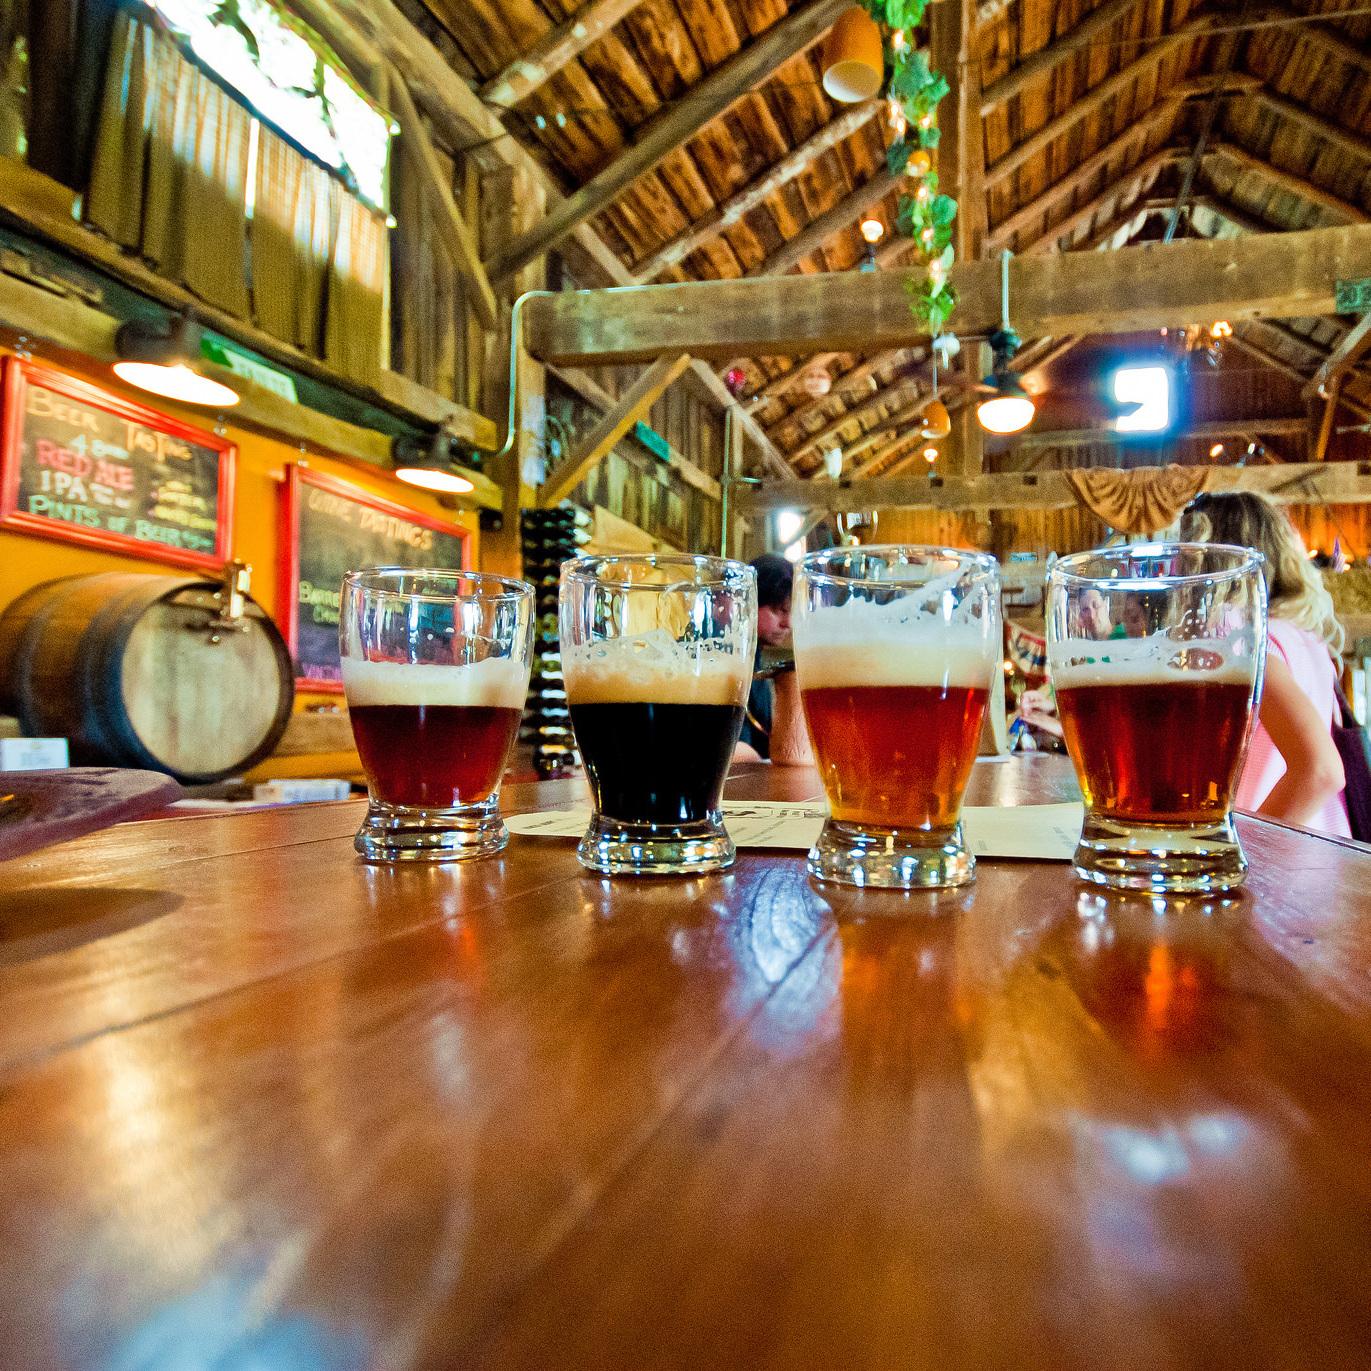 Дегустация пива. Крафтовая пивоварня.